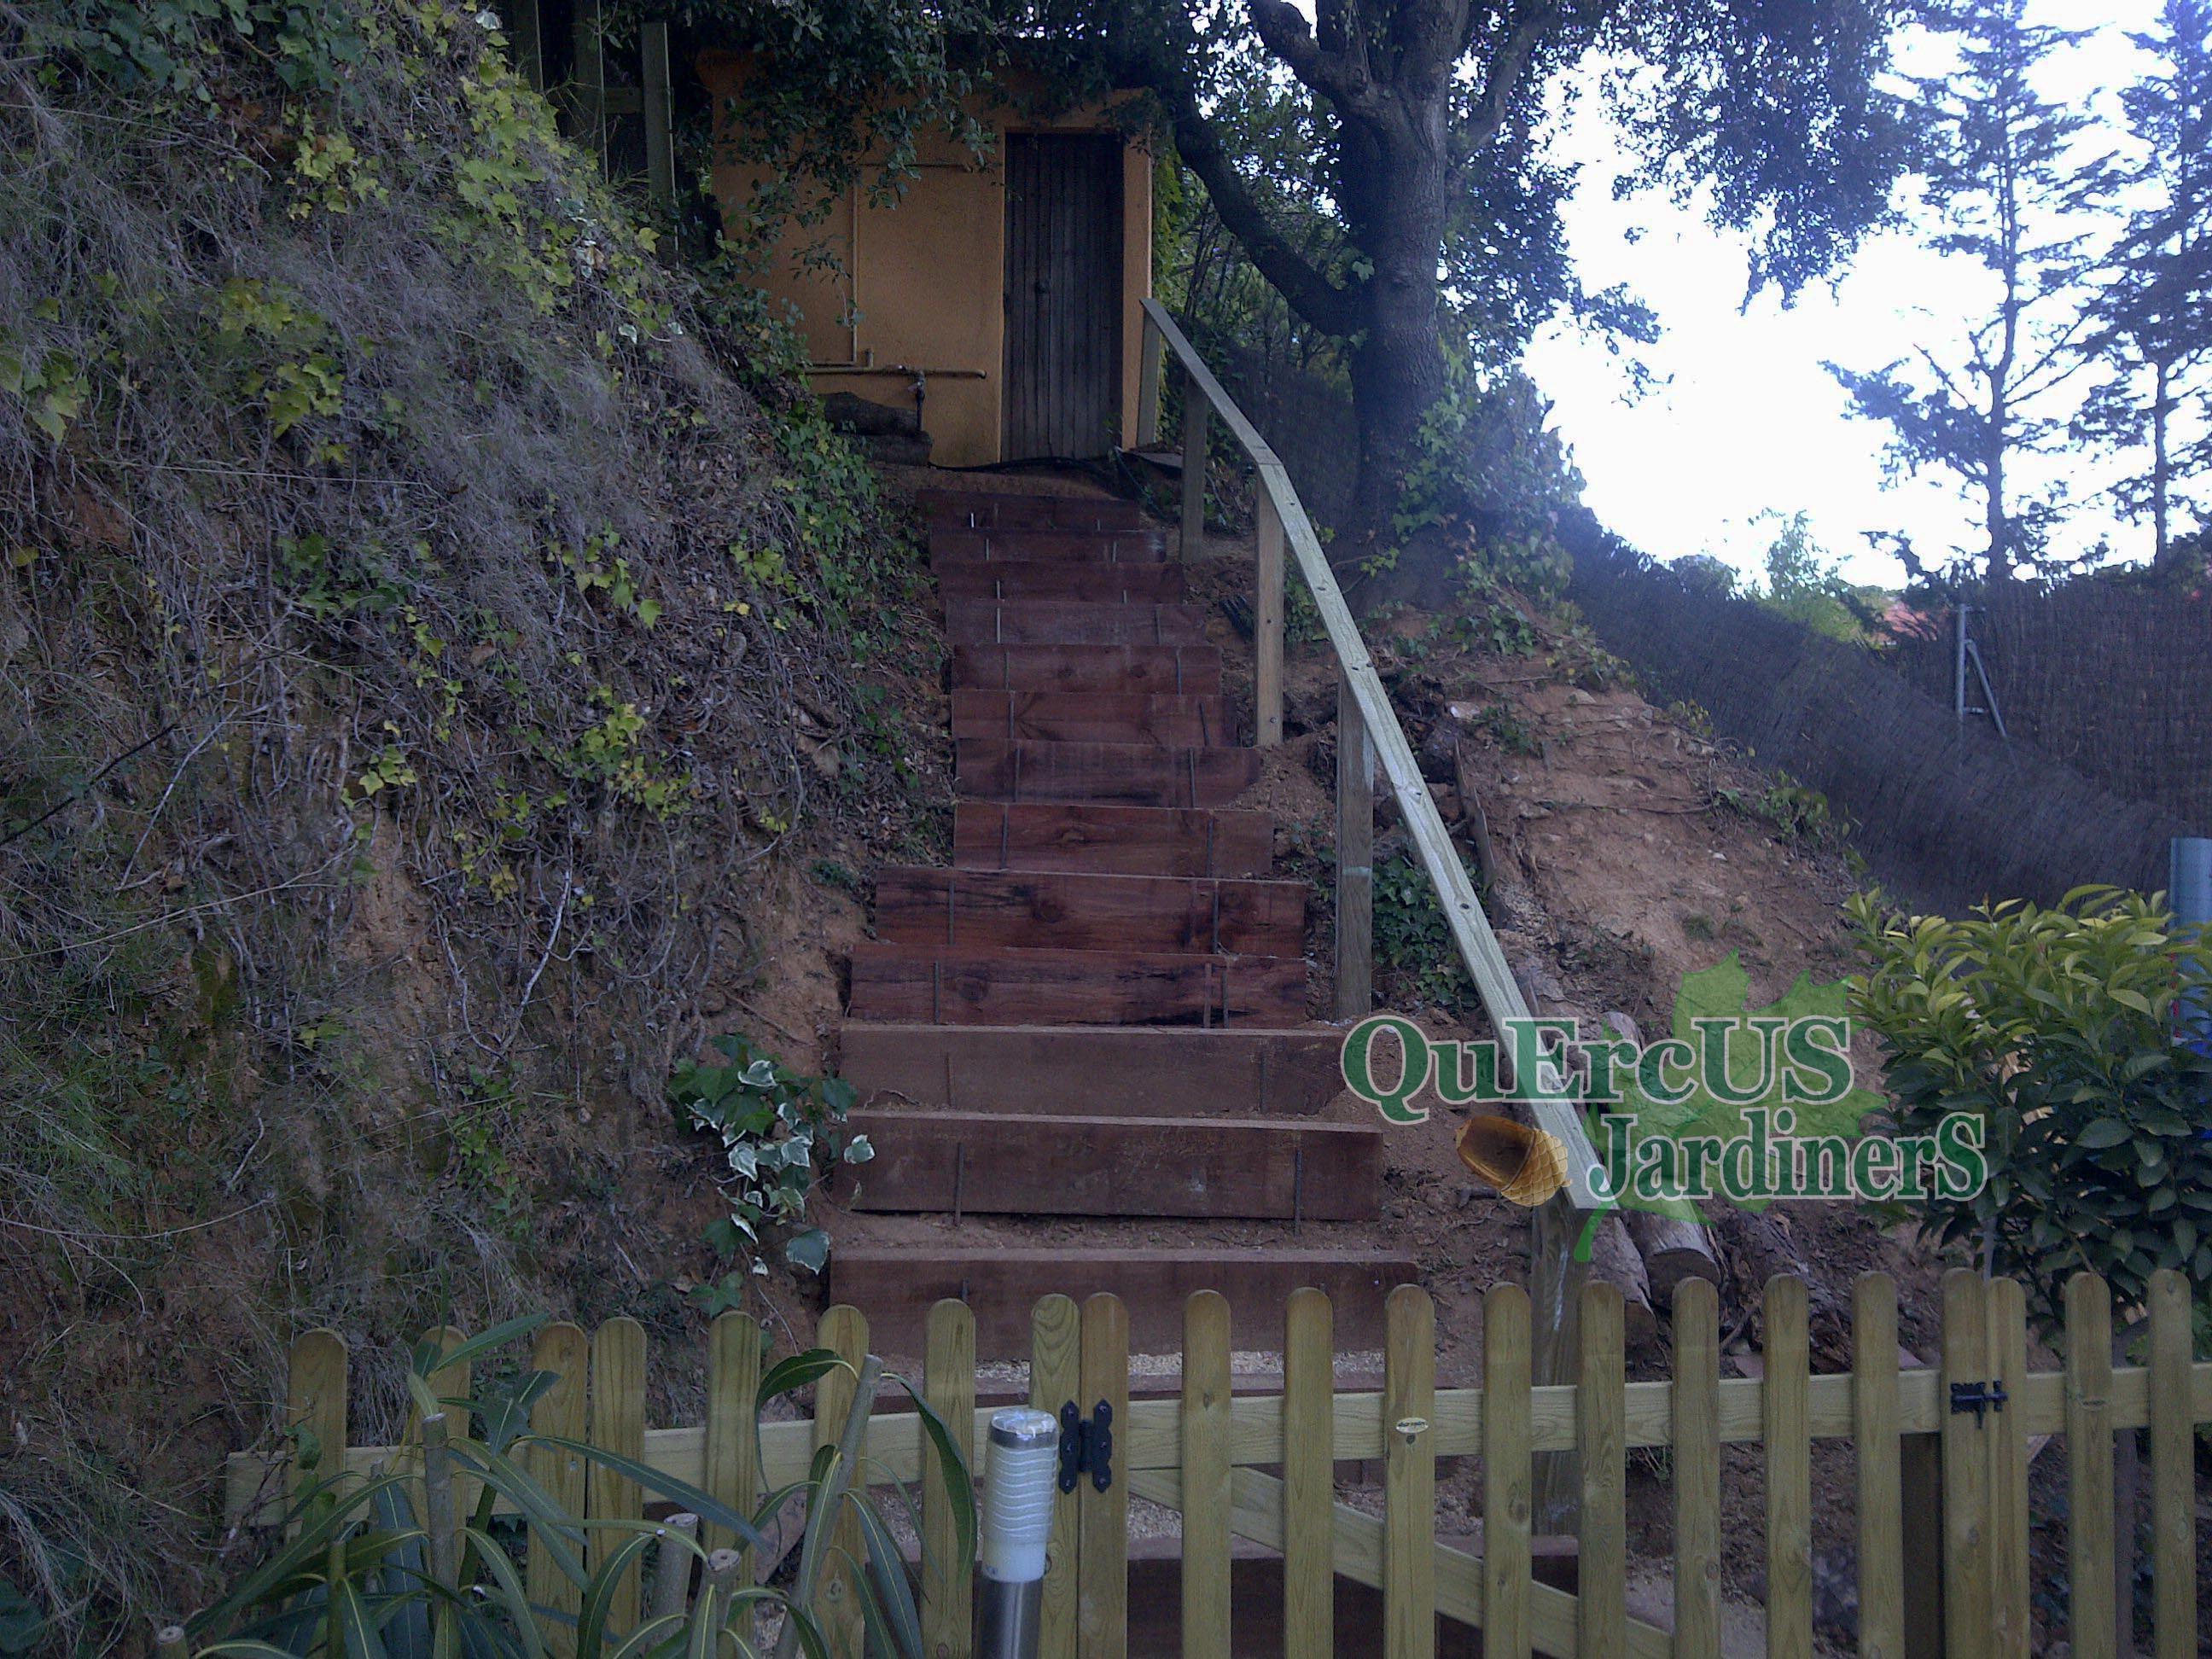 Escaleras de jardin con traviesas free traviesas with - Escaleras para jardin ...